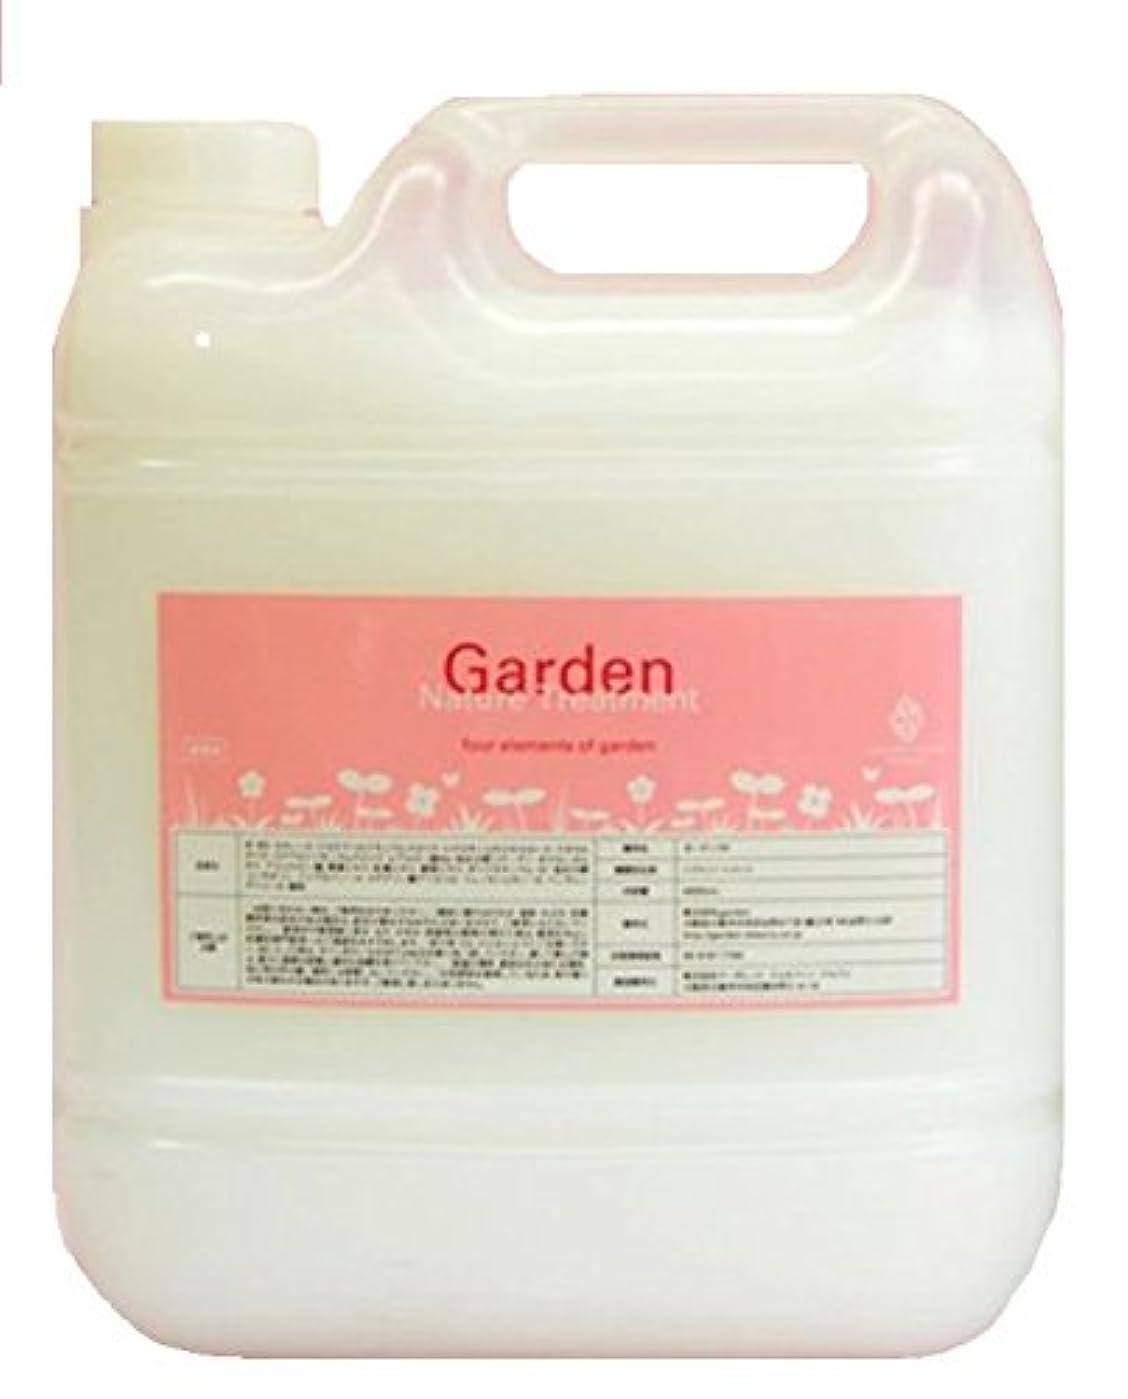 問題長方形白菜マーガレットジョセフィン ガーデン ナチュレトリートメント 4000ml